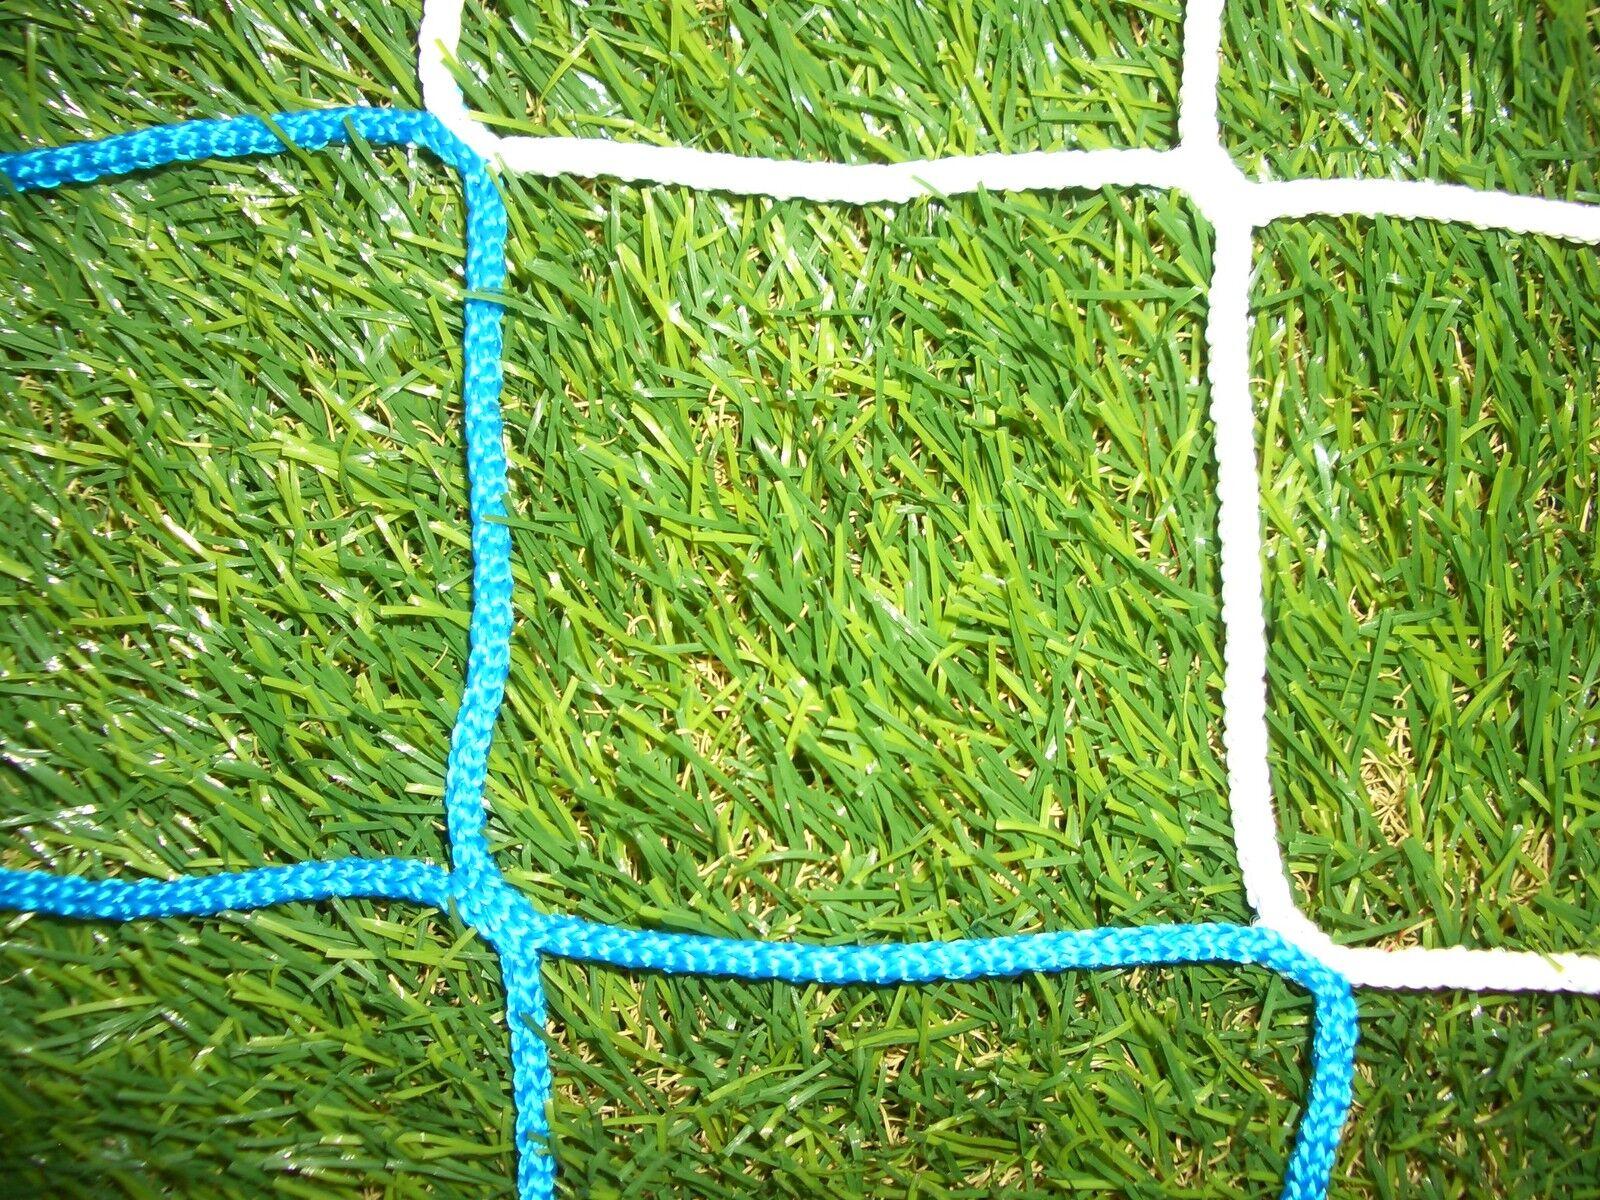 Fußballnetz, Fußballtornetz, Tornetz Jugendtor 5x2m, 100/100, PP 4mm, blau/weiß